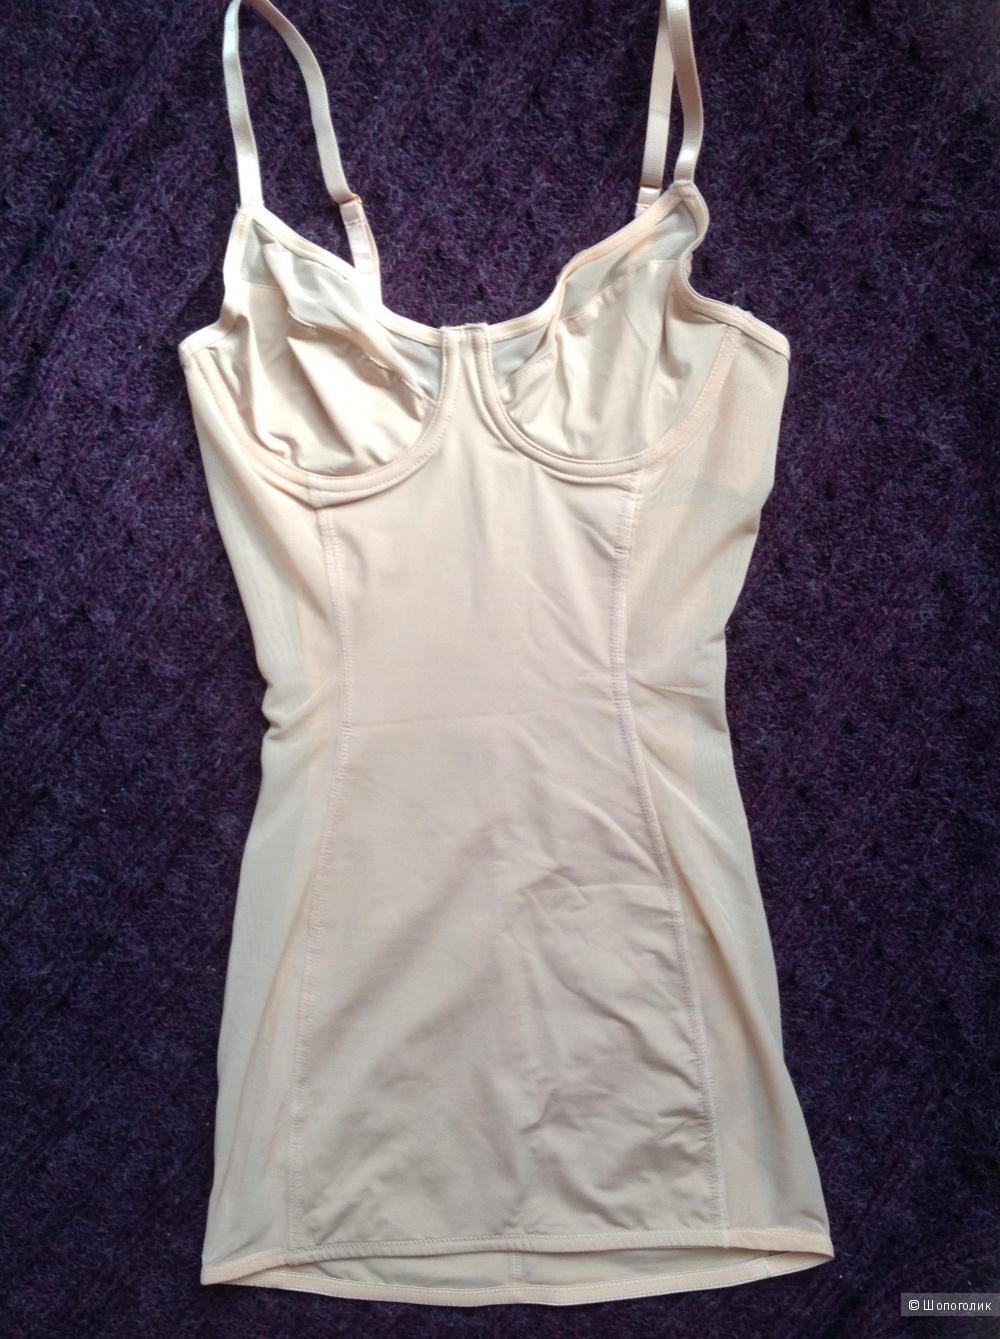 Сорочка с корректирующим эффектом и чашечками на косточках ASOS SHAPEWEAR, разм. 40 B/C